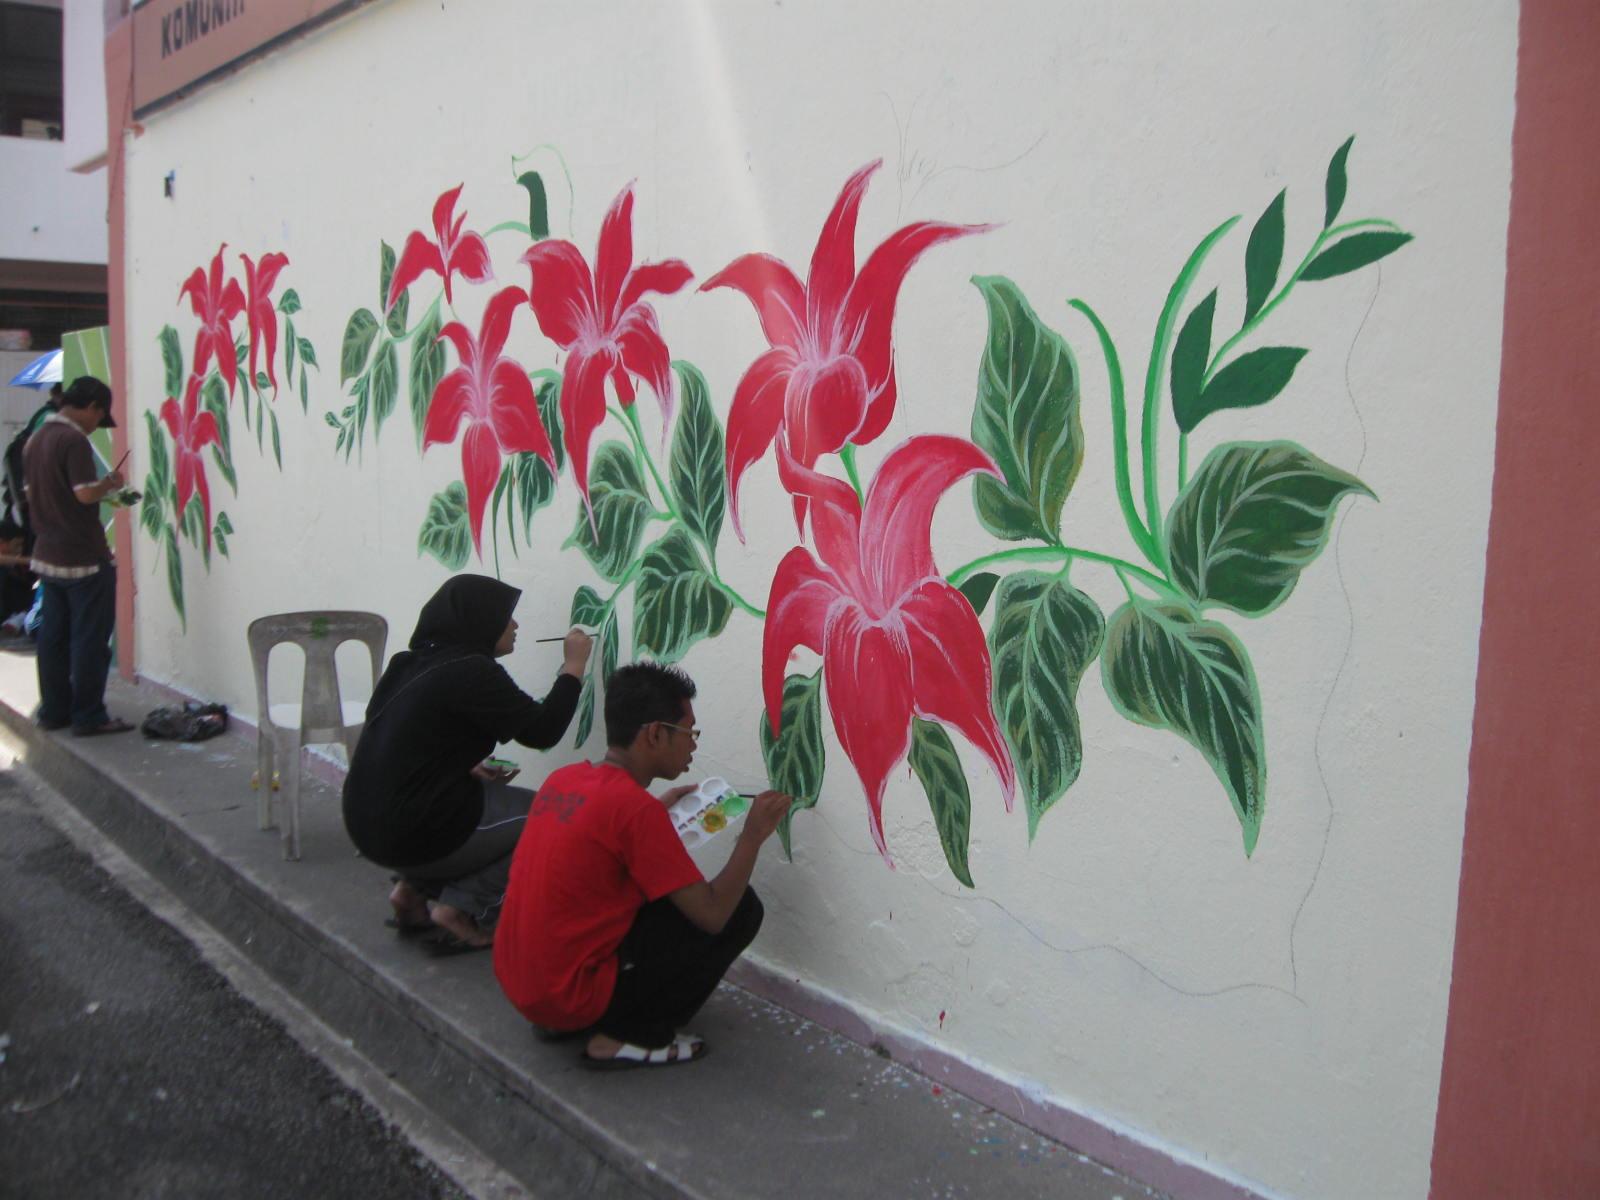 Pusat sumber smkrc may 2010 for Mural sekolah rendah